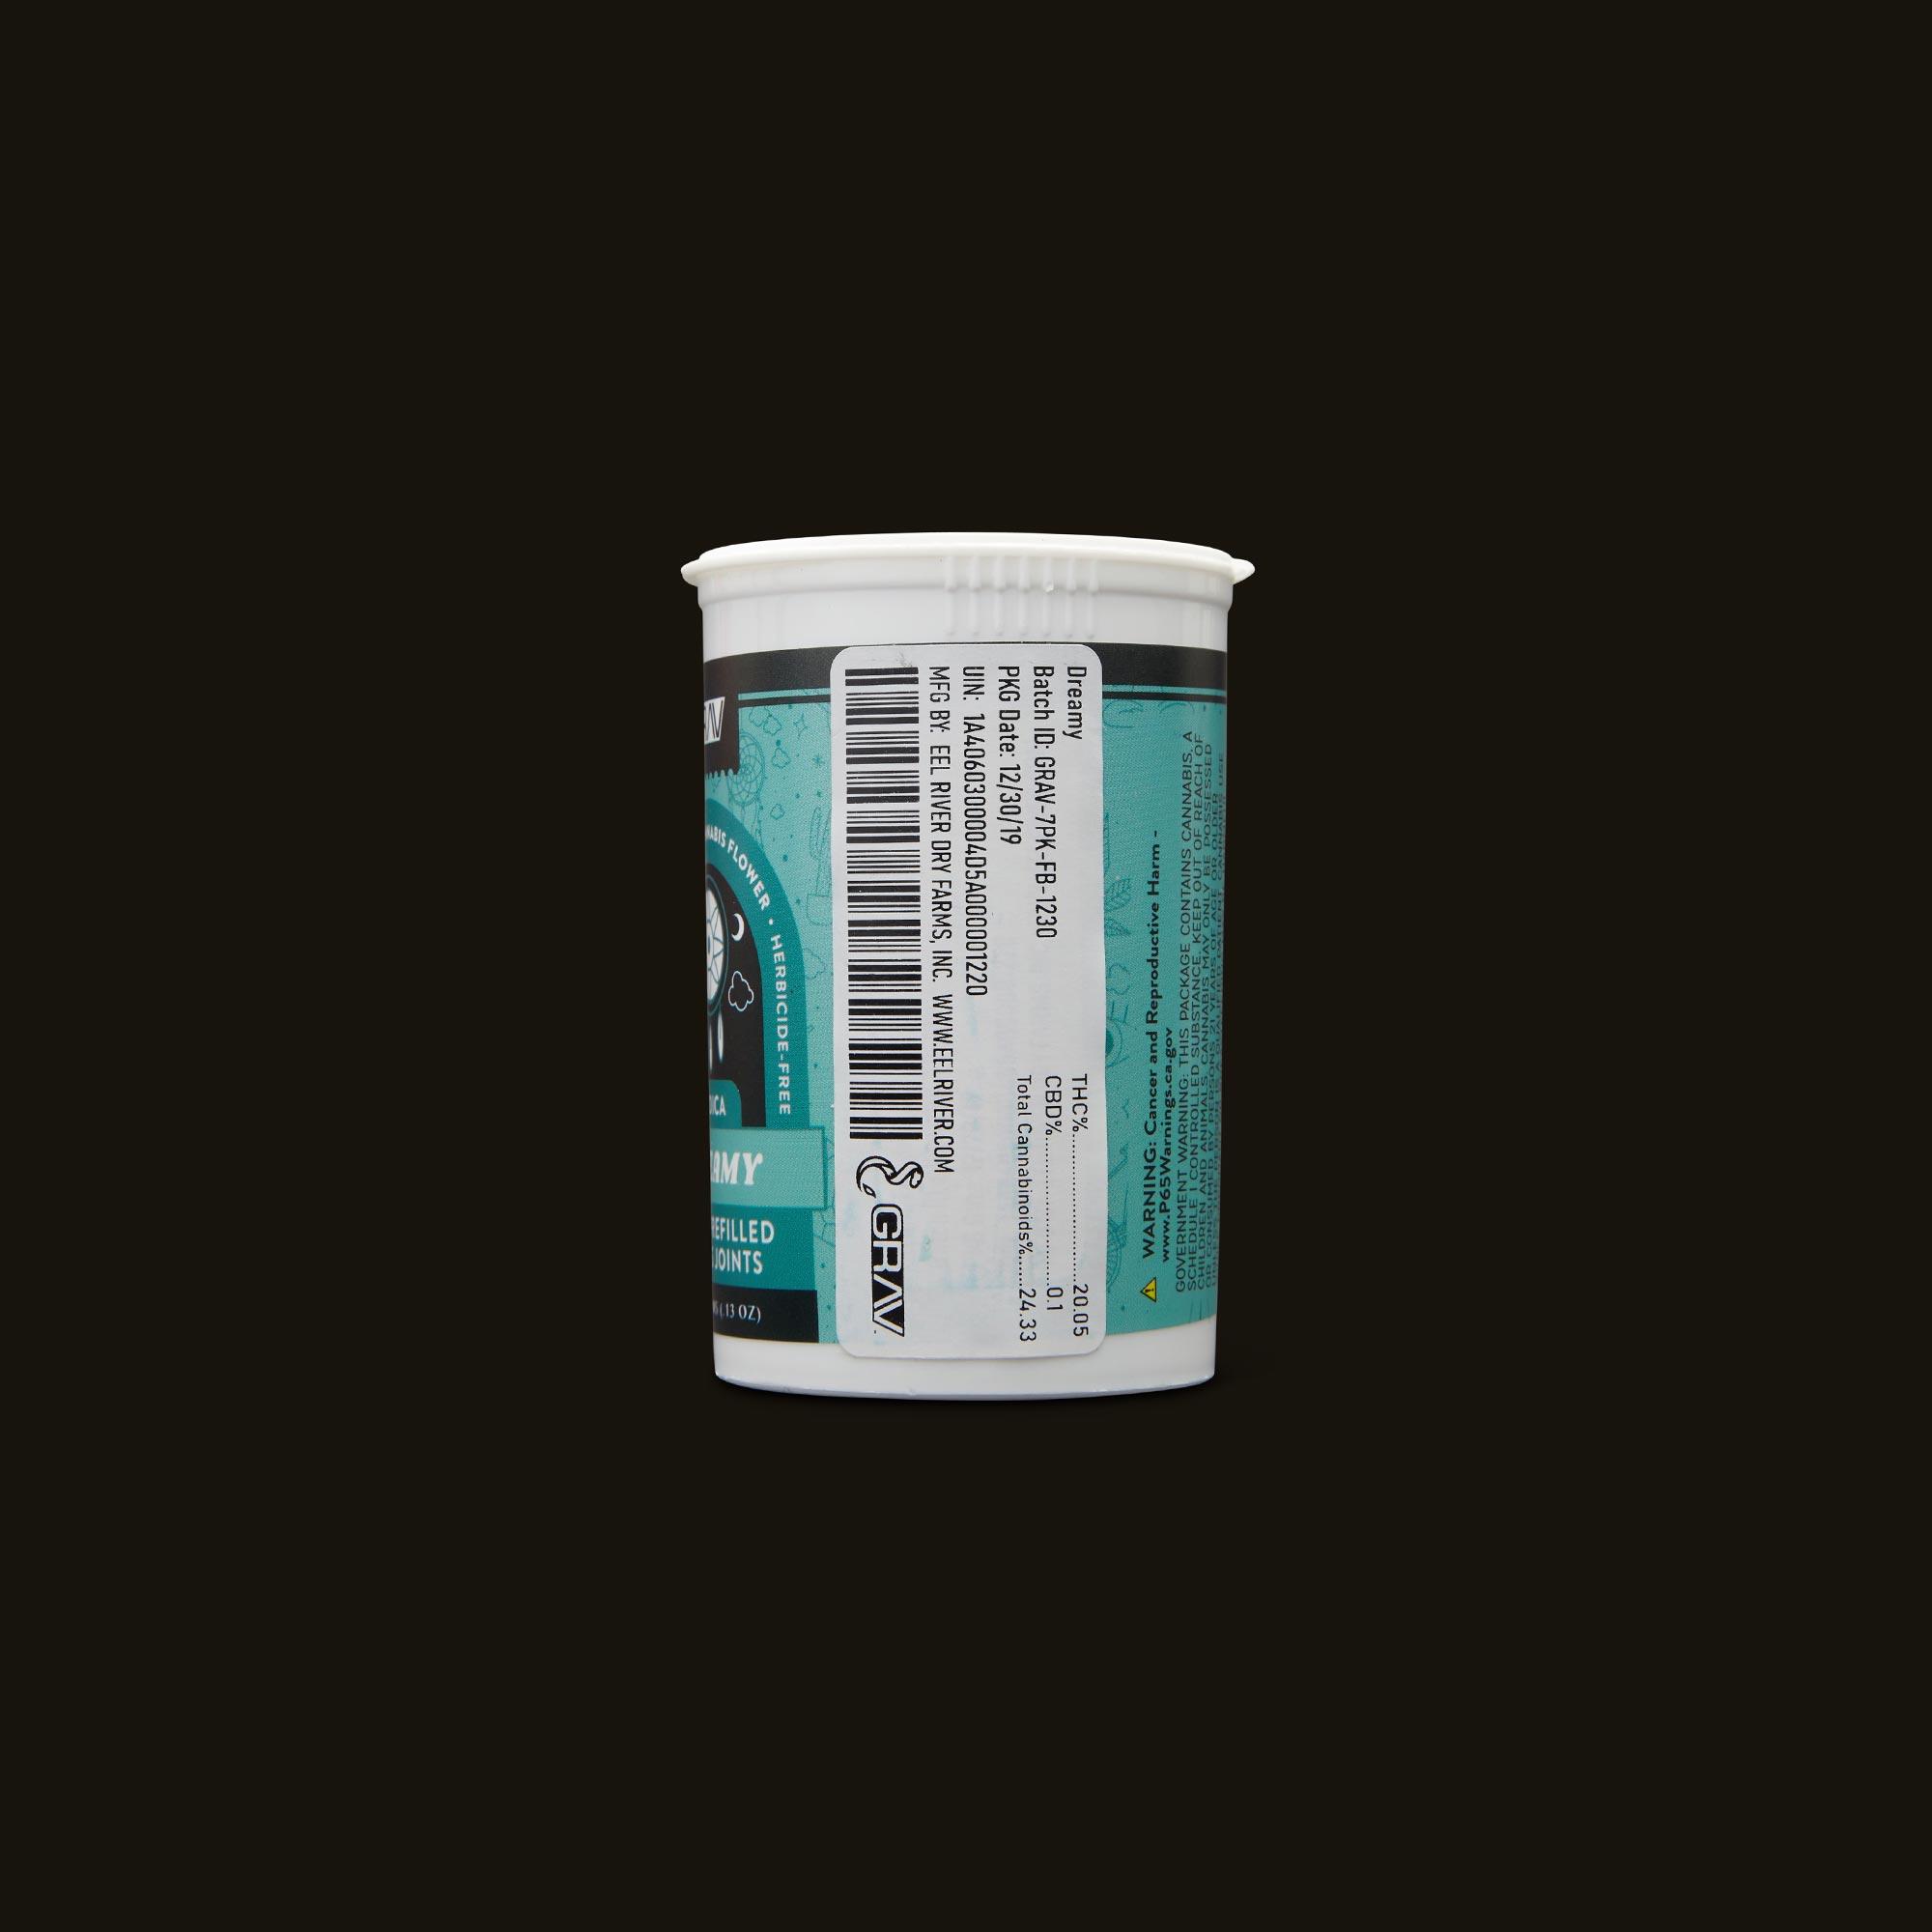 GRAV Dreamy Pre-Roll 7-Pack Ingredients